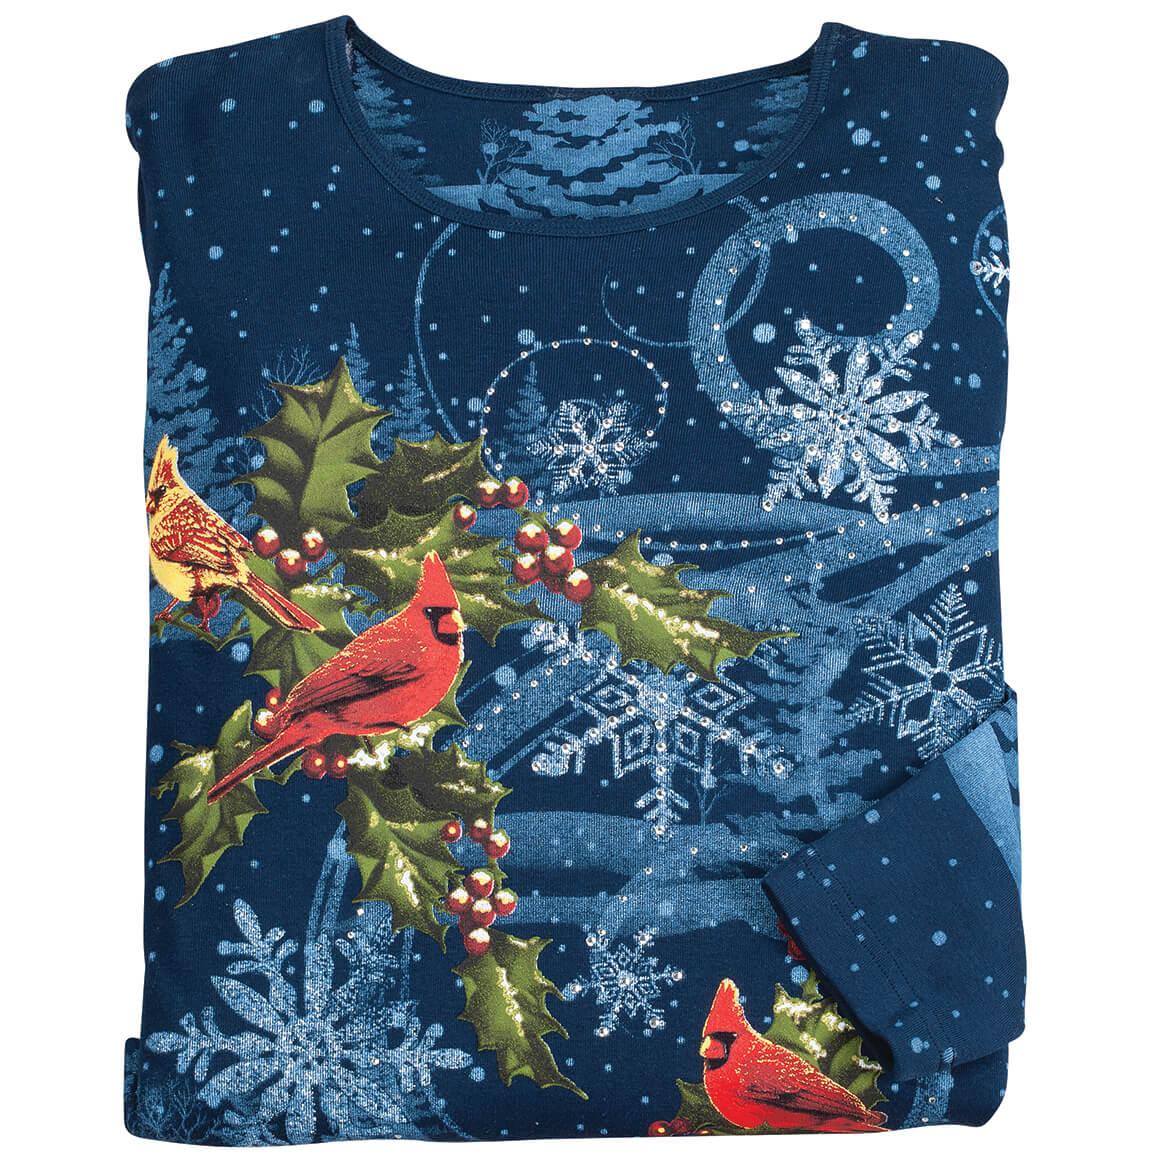 Winter's Evening Cardinal 3/4 Sleeve Top-370670